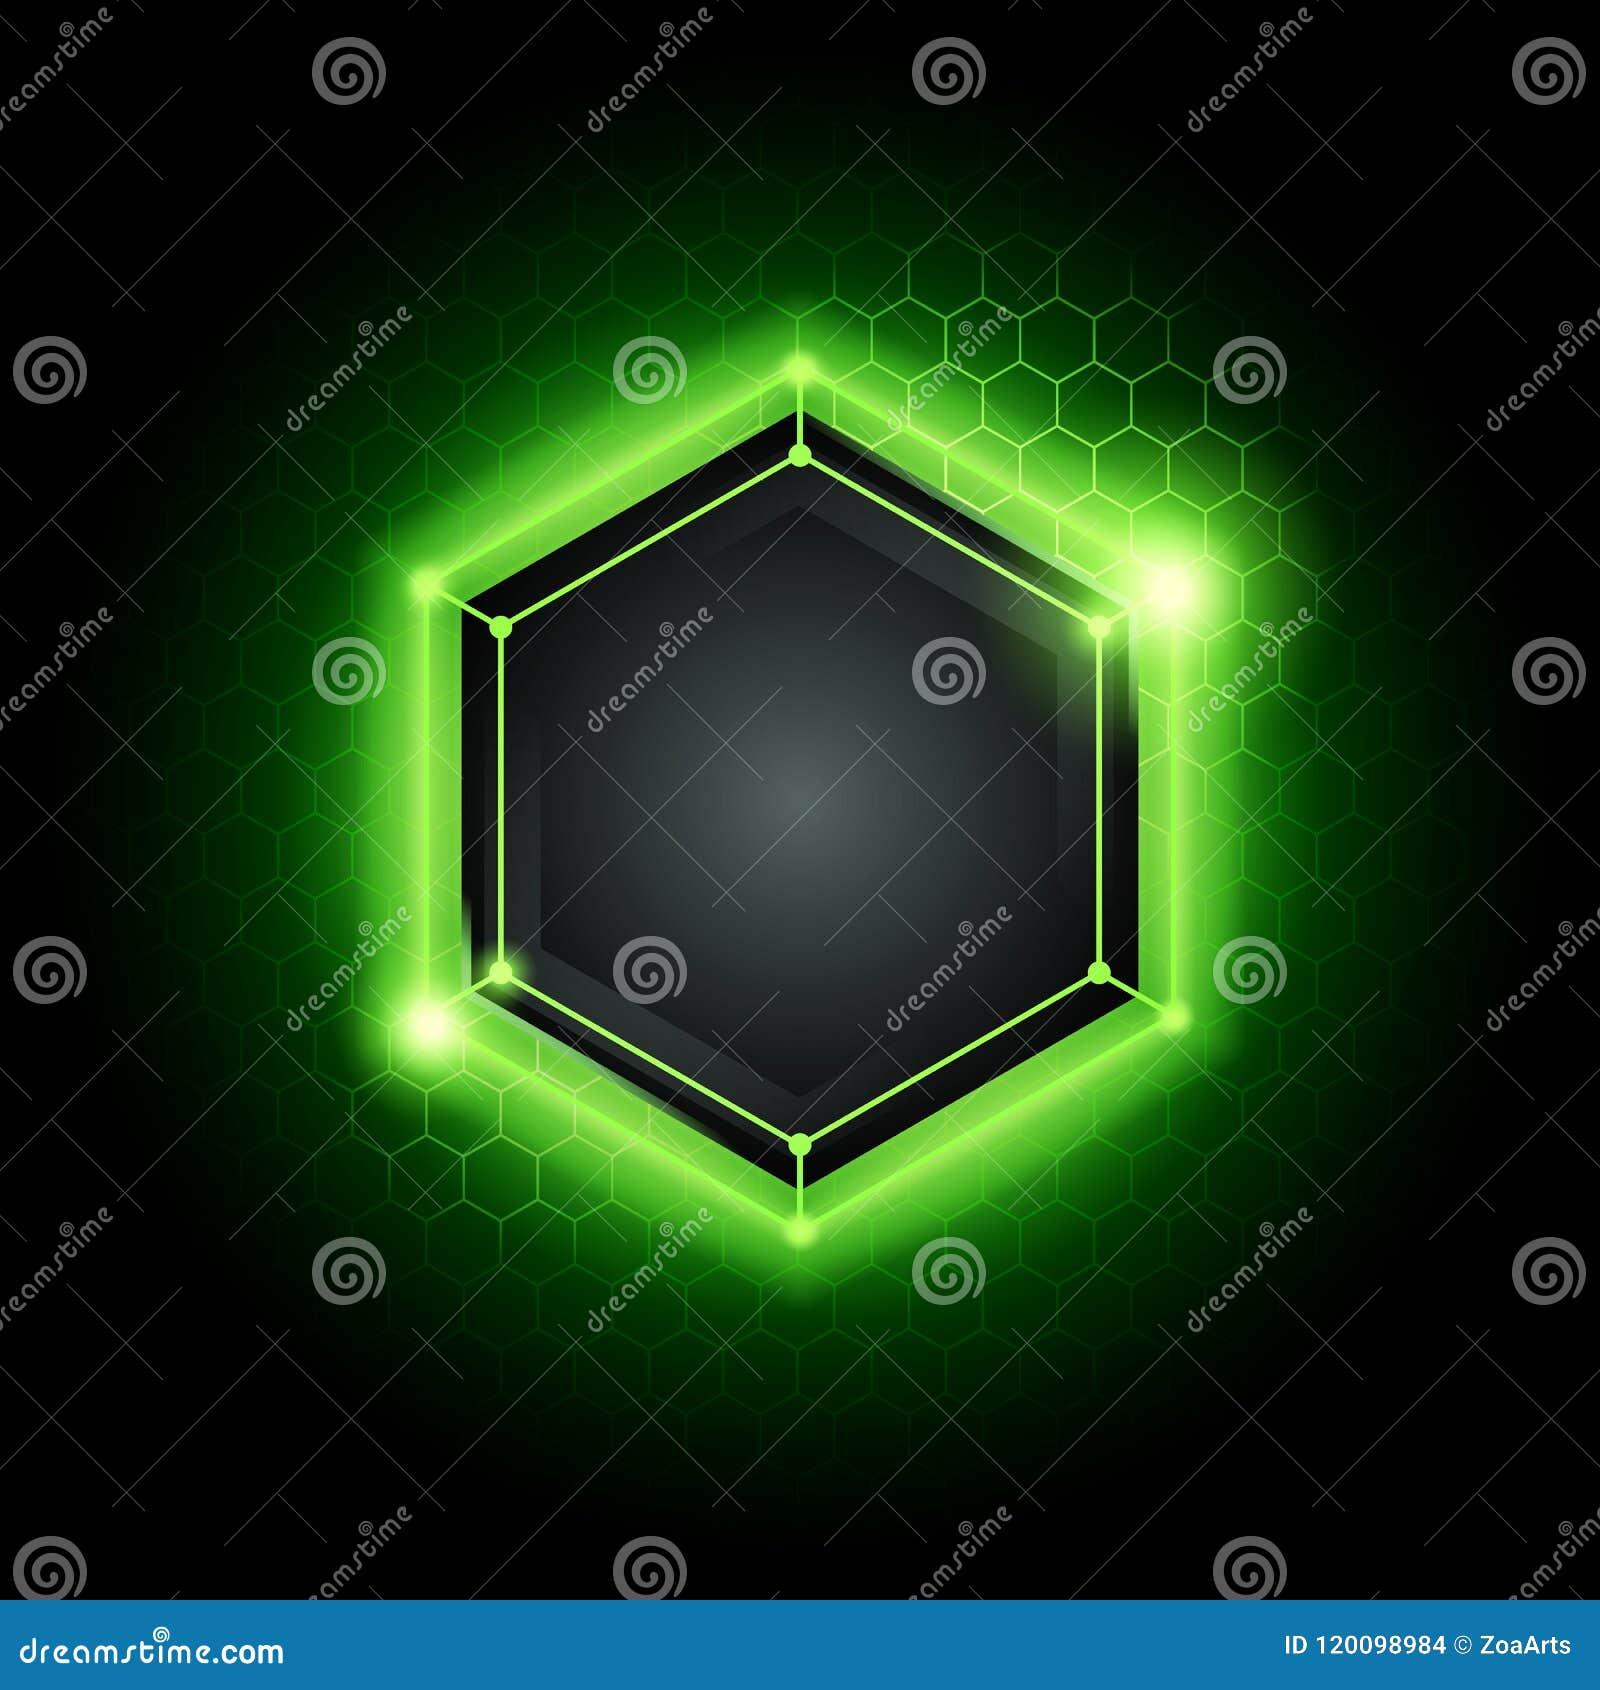 Vector el fondo cibernético de la tecnología del metal moderno abstracto del ejemplo con el modelo polivinílico del hexágono y la